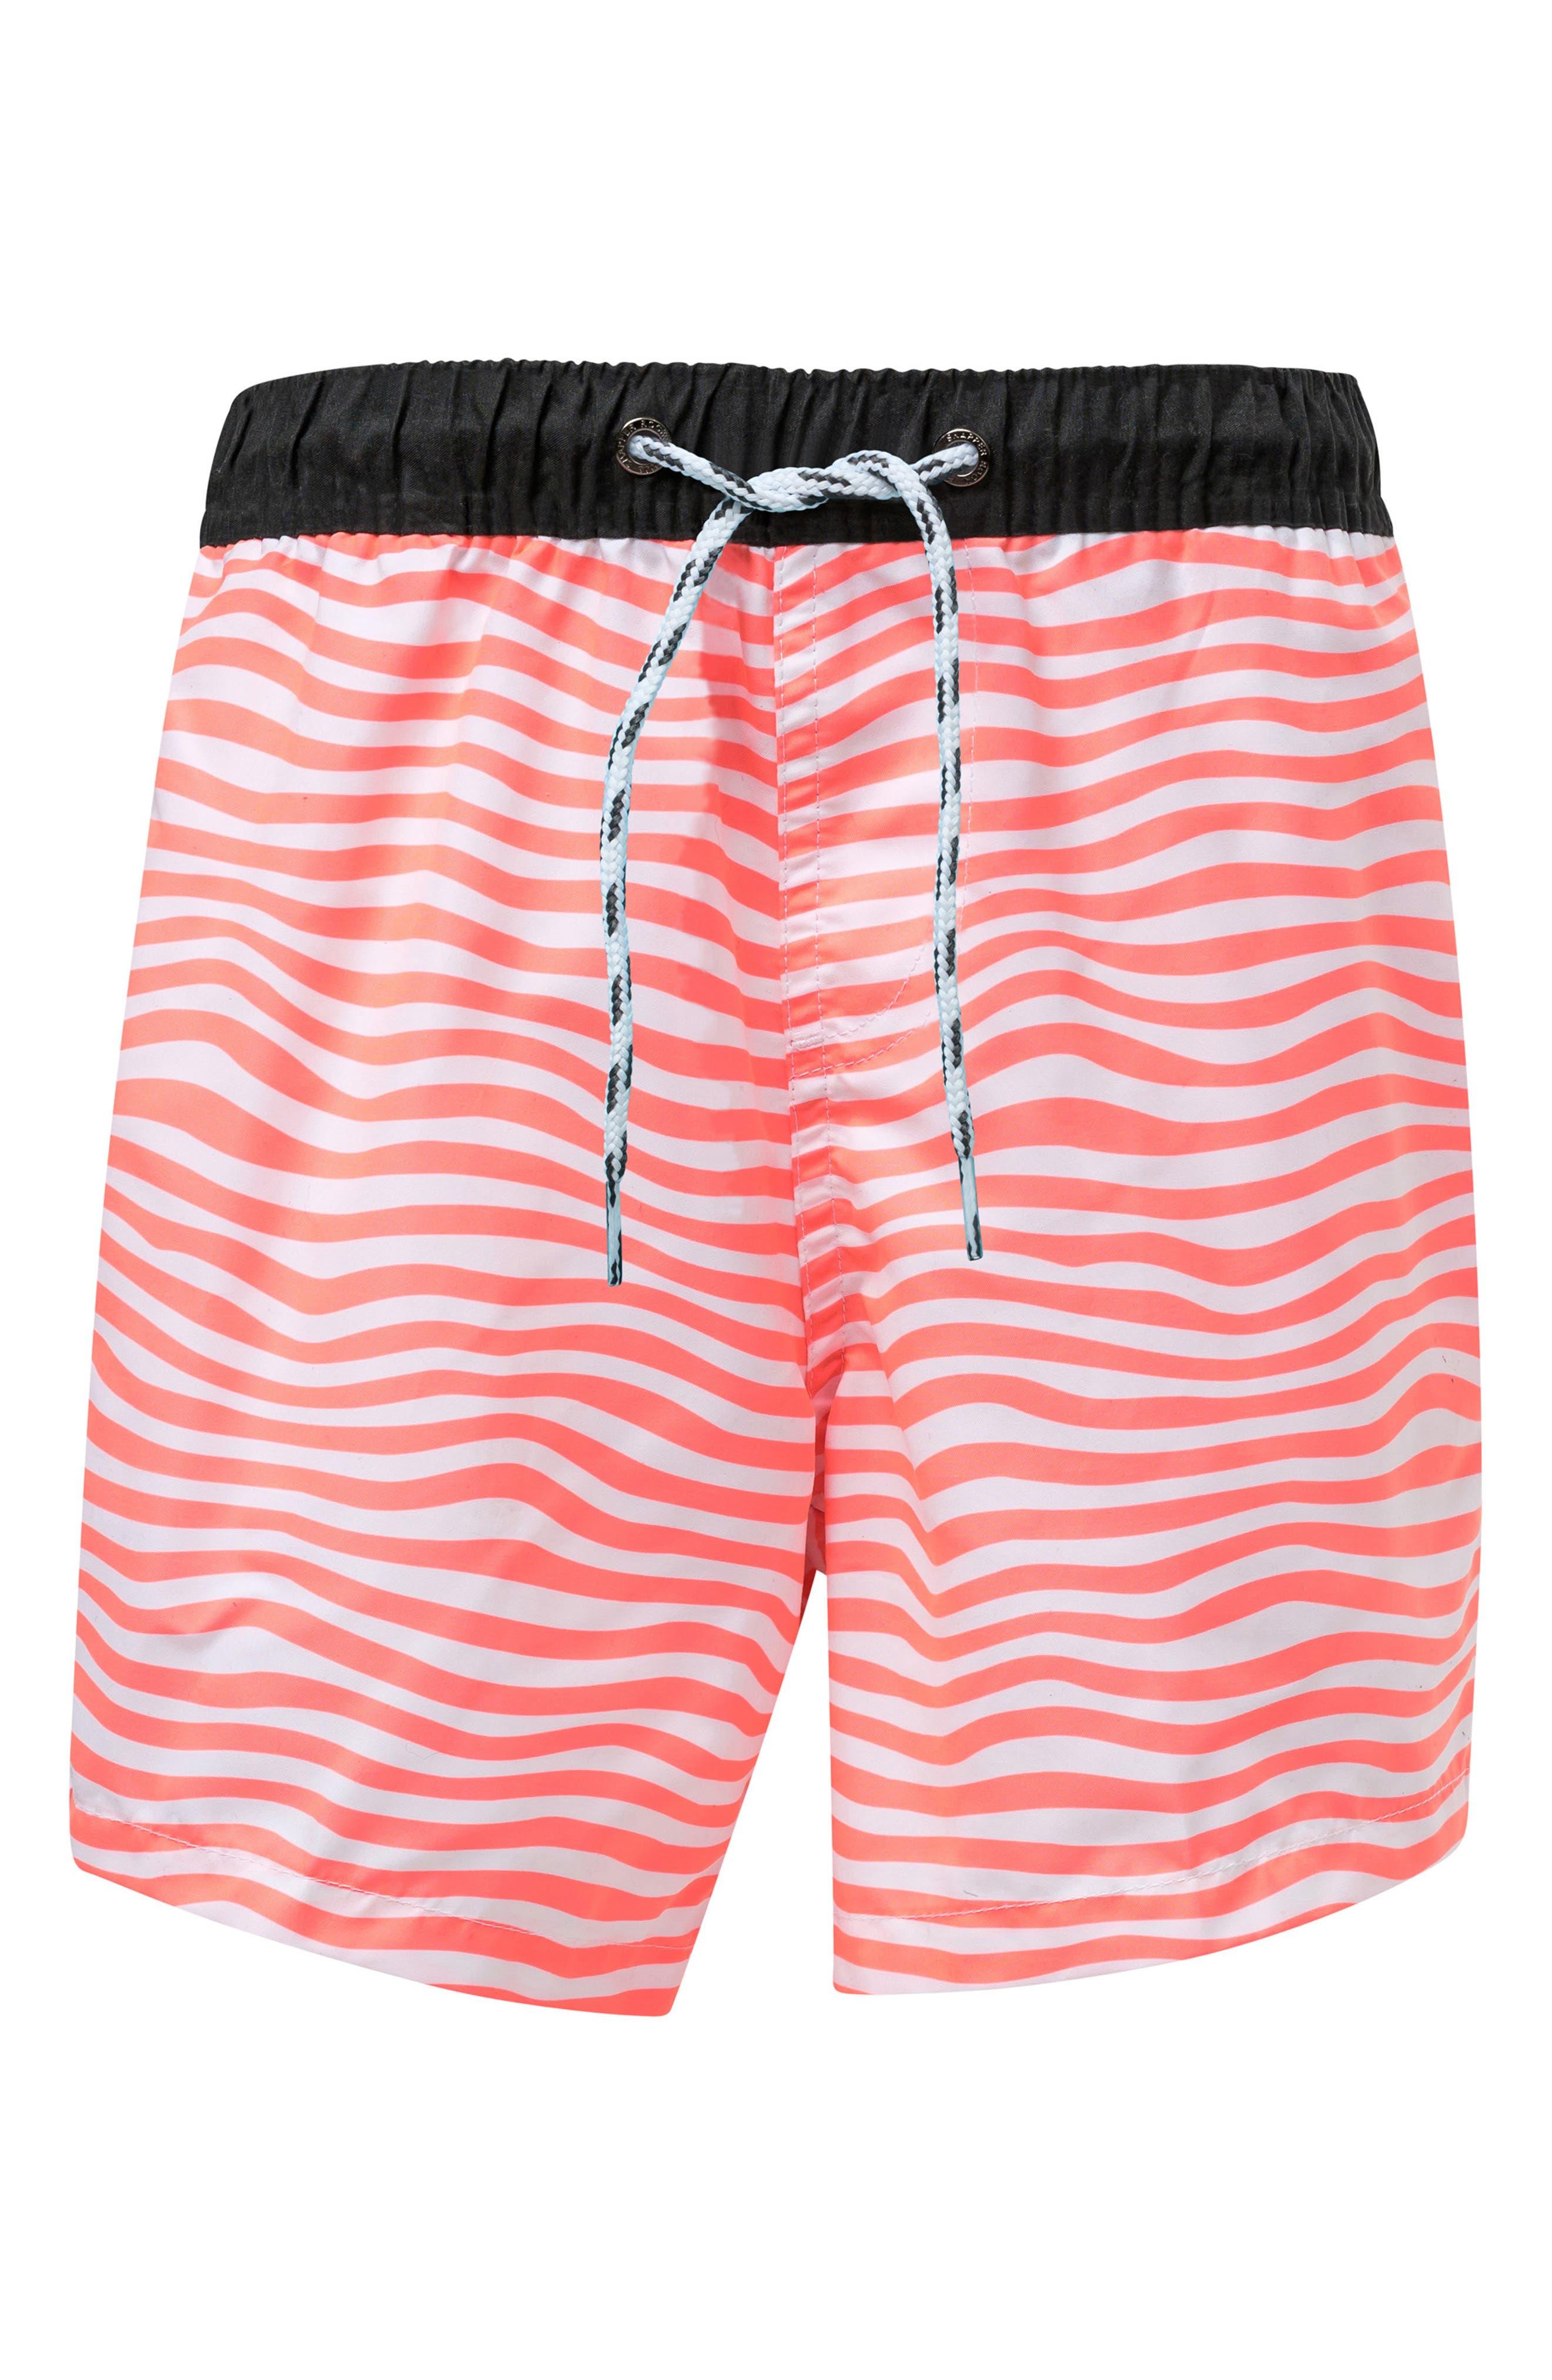 Orange Crush Board Shorts,                         Main,                         color, BRIGHT ORANGE